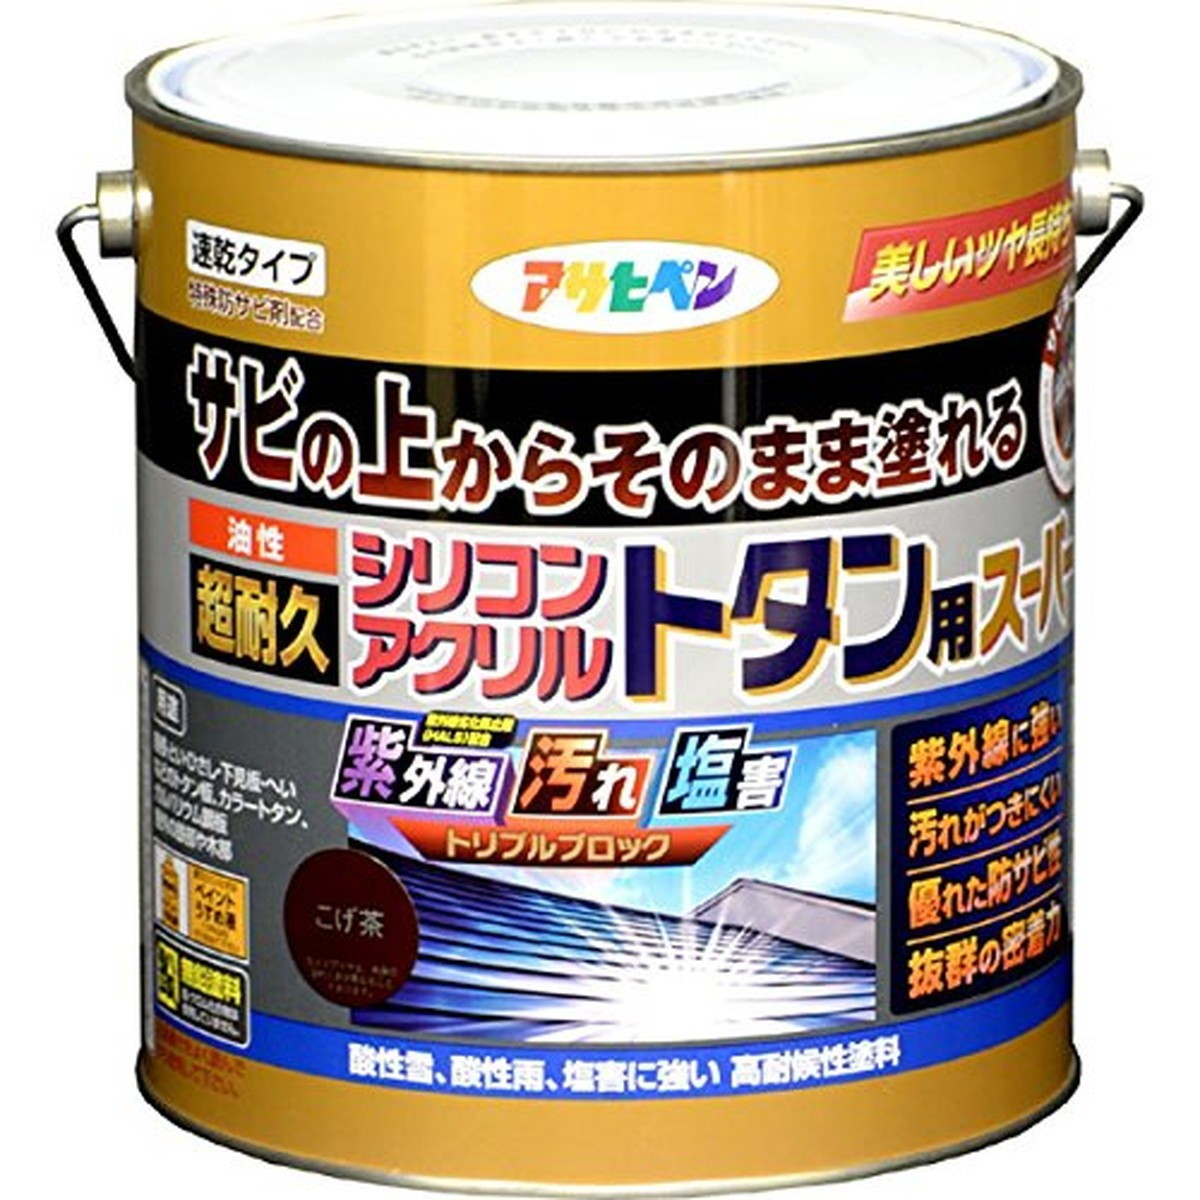 アサヒペン 油性超耐久シリコンアクリルトタン用 3kg (こげ茶)【クーポン配布中】